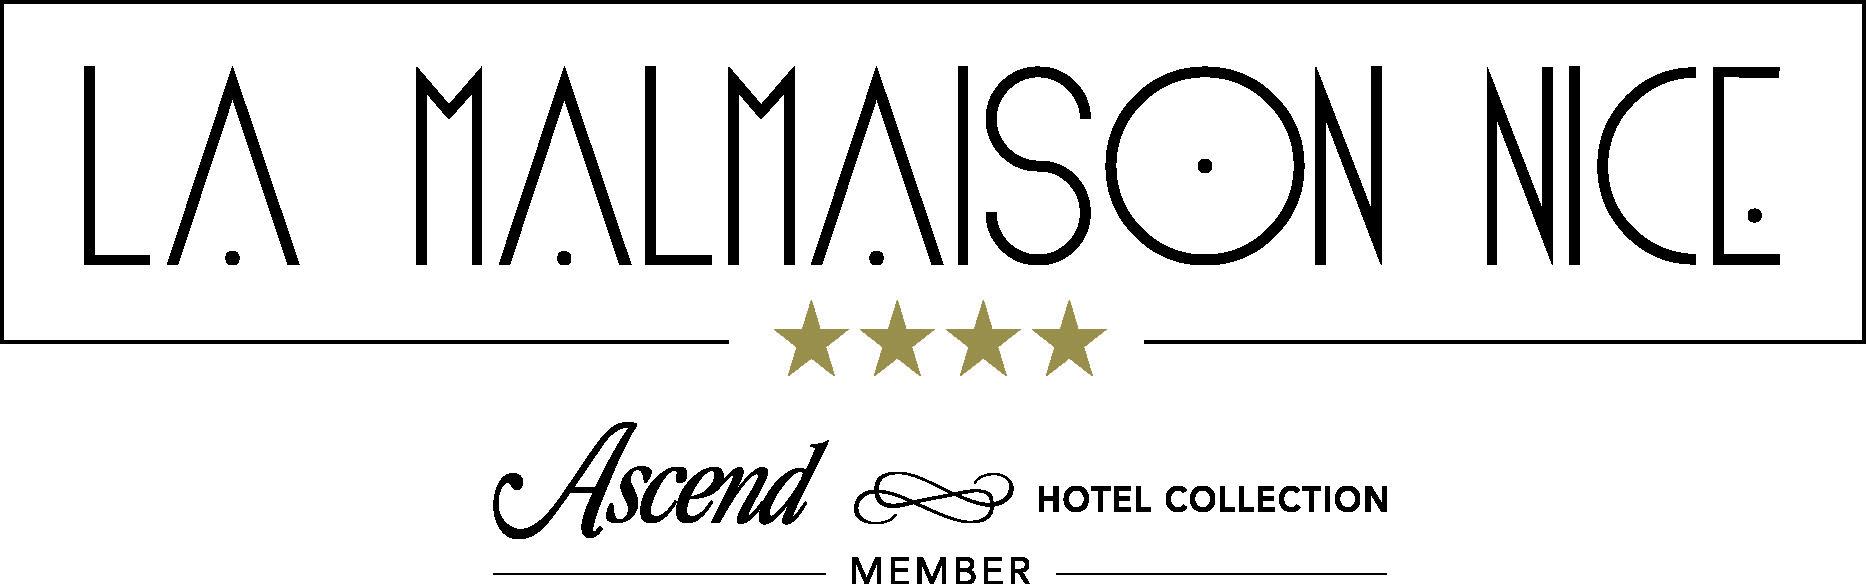 La Malmaison Nice